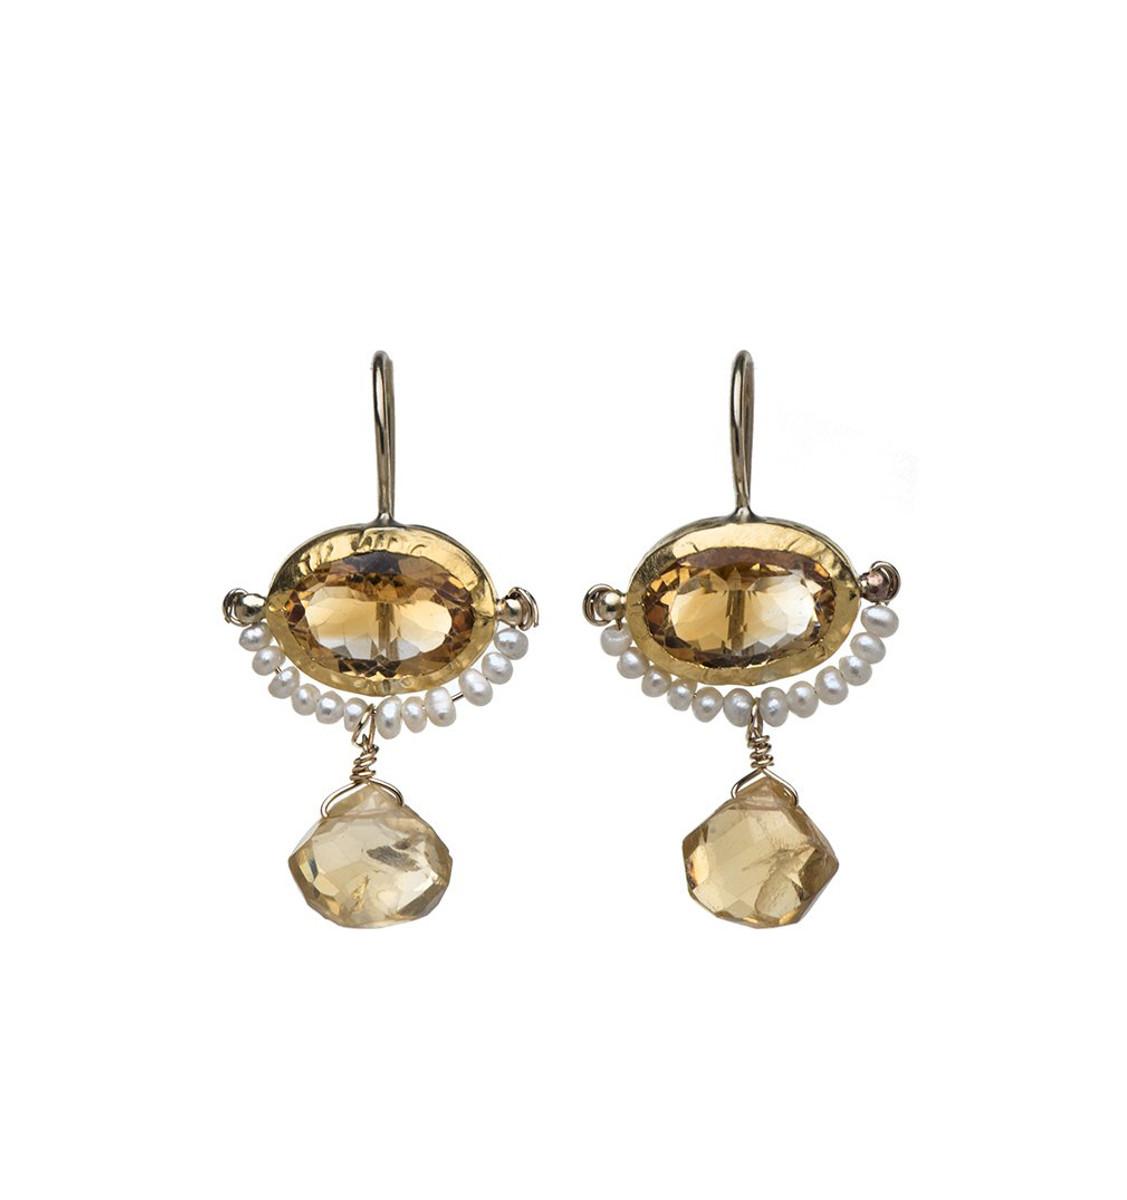 Golden Eye Earrings by Nava Zahavi - New Arrival